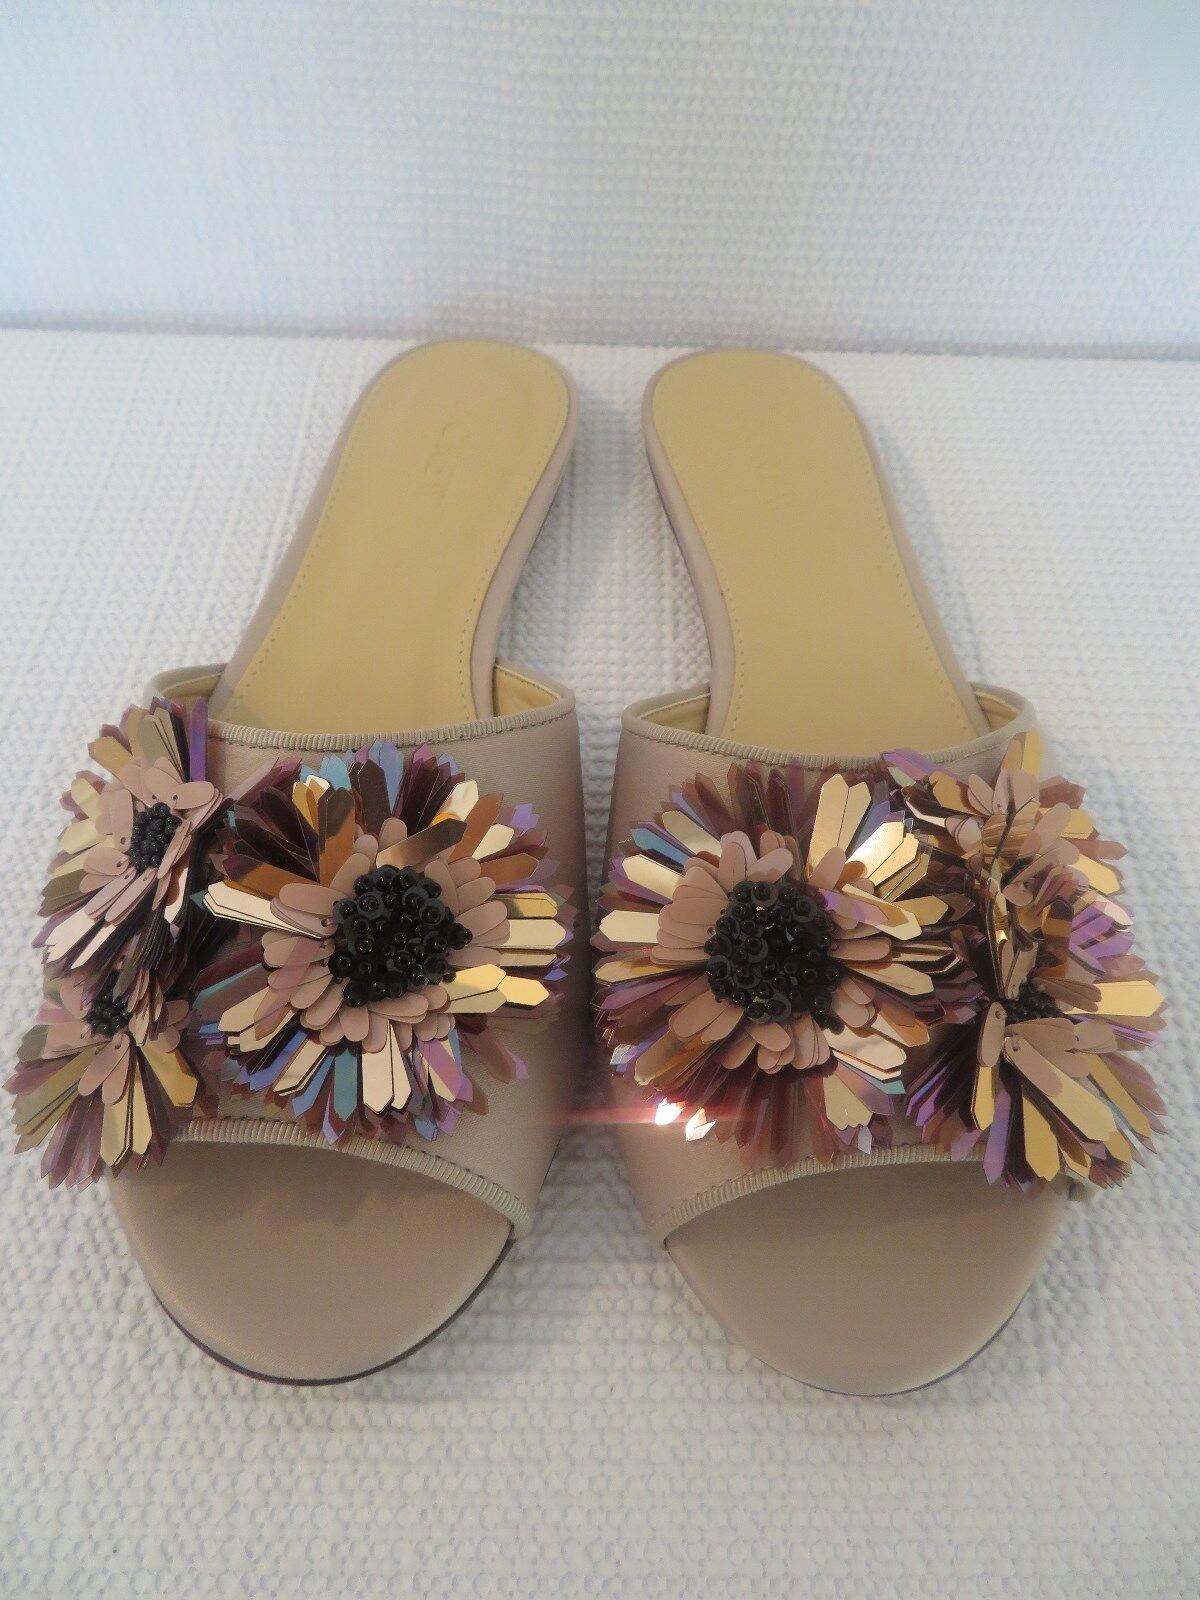 CARVEN  Shoes 720260 35 PinkxMulticolor 35 720260 1/2 cc7d5f